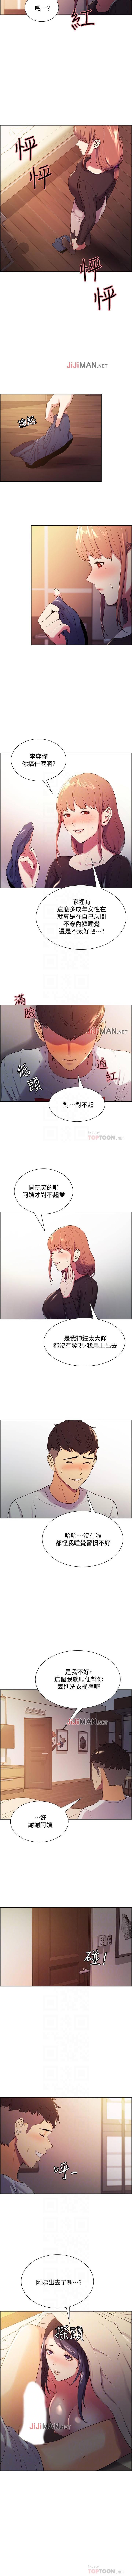 【周二连载】室友招募中(作者:Serious) 第1~15话 34